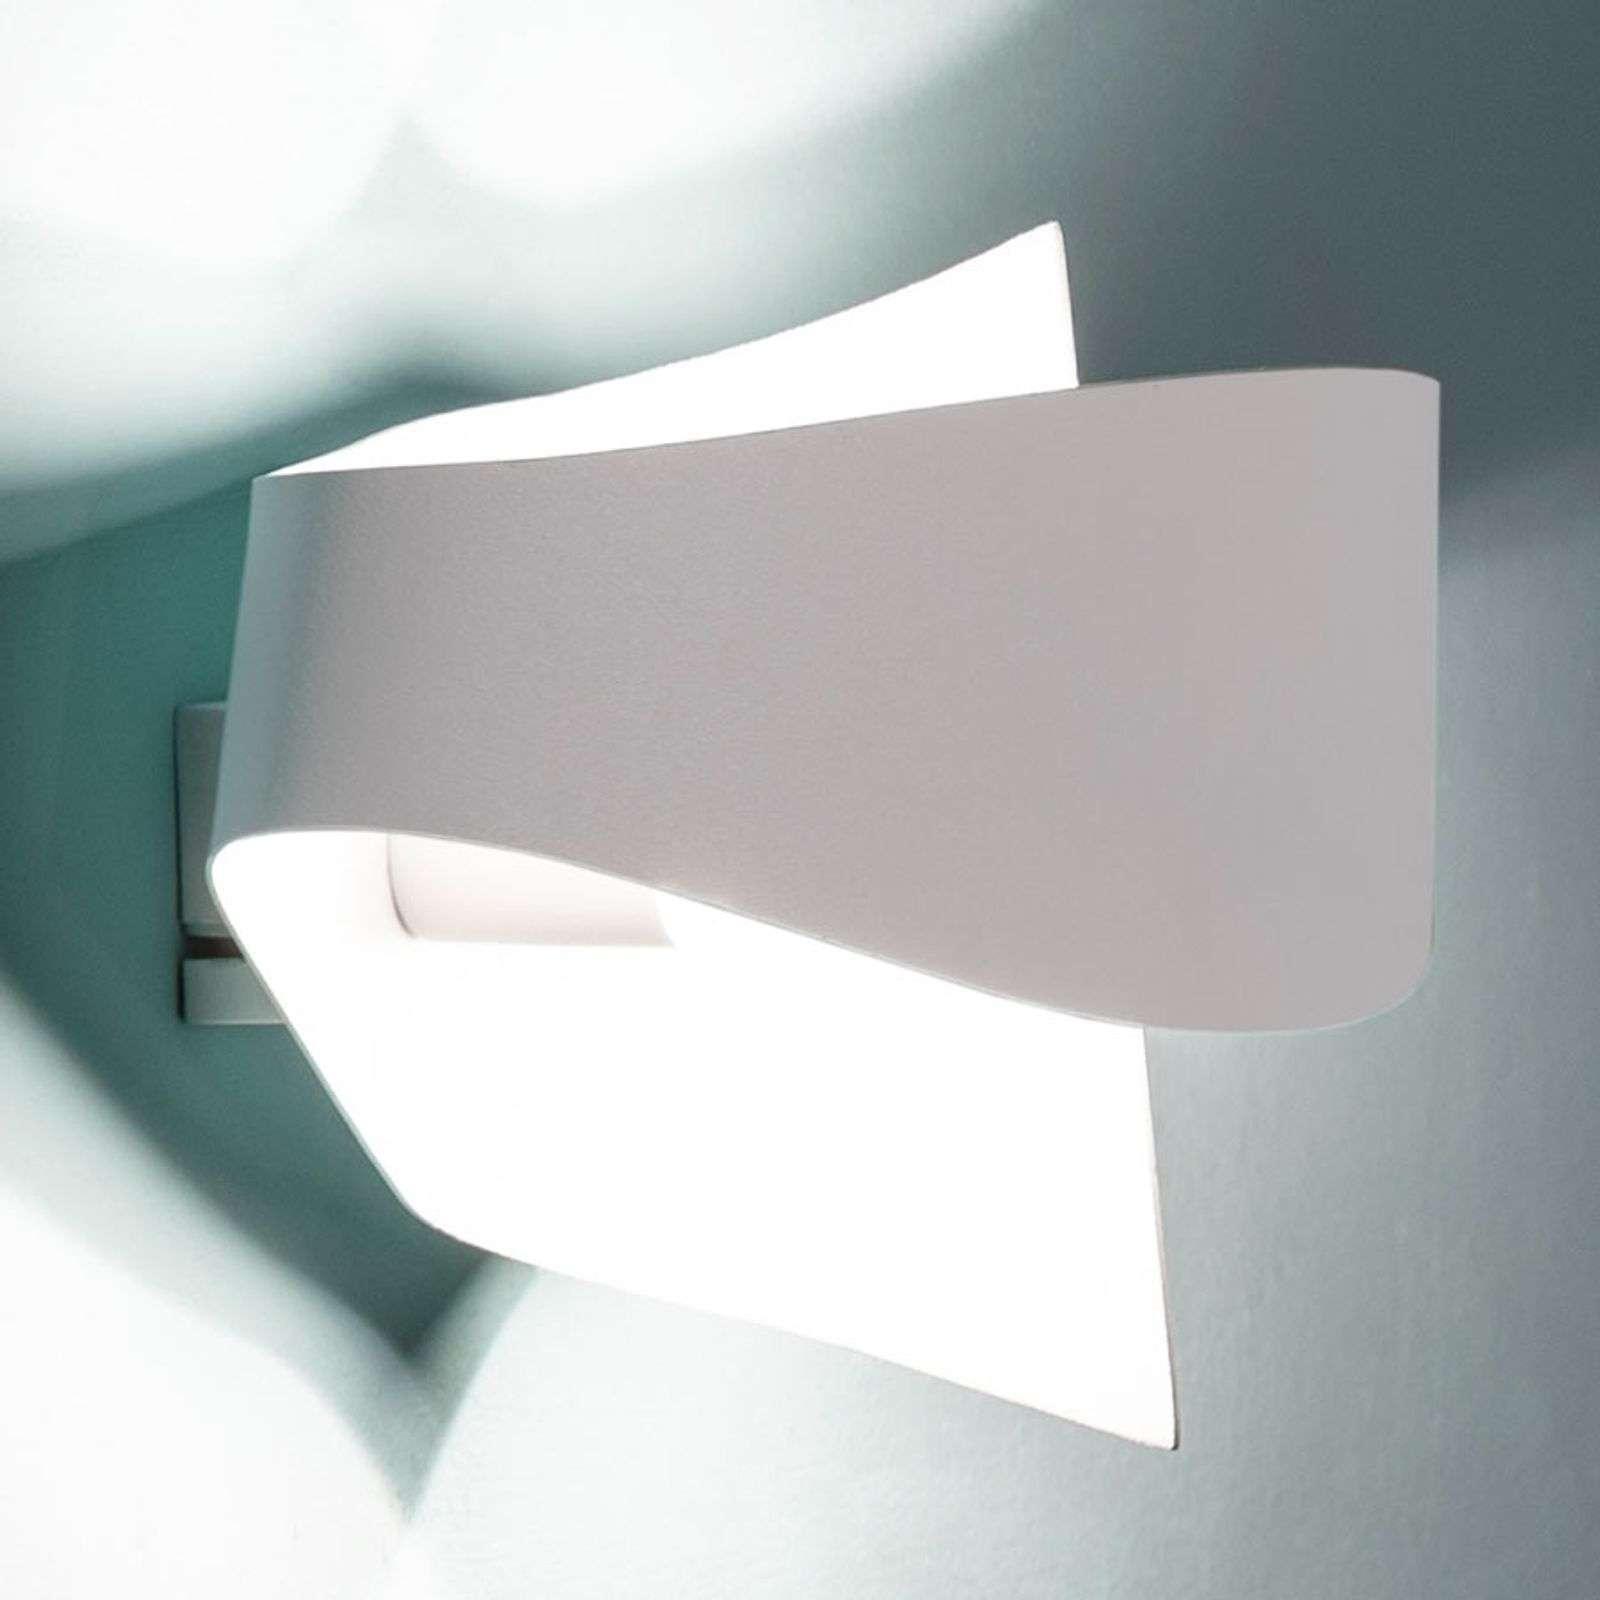 Full Size of Wandleuchte Schlafzimmer Mariano Weiss Modern Flur Lampenwelt Komplett Weiß Landhausstil Regal Poco Stuhl Für Gardinen Lampe Luxus Klimagerät Landhaus Schlafzimmer Wandleuchte Schlafzimmer